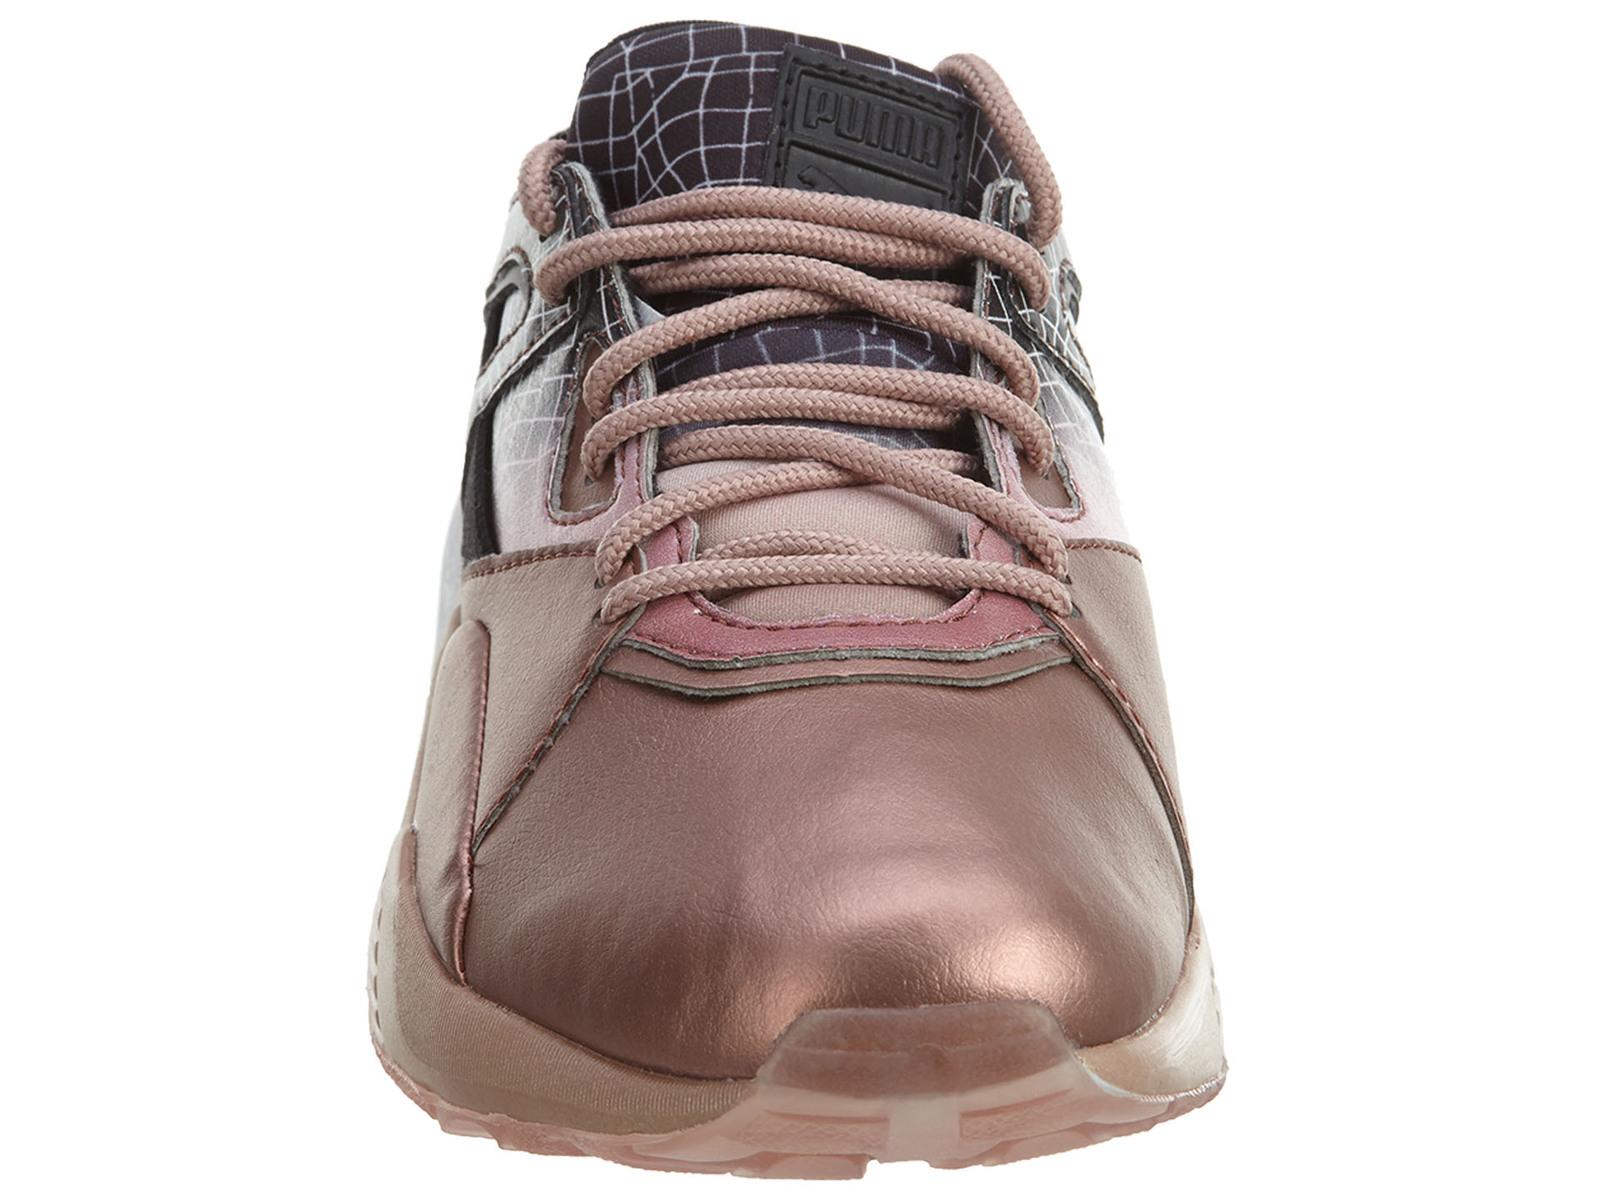 545158e295495d ... Economy Womens Shoes PUMA Rose GoldPuma Black Bog Sock RG 8955141  cute  fd8d2 06aa9 ... Puma Puma Bog Sock RG Cross Trainer Shoe Womens Style ...